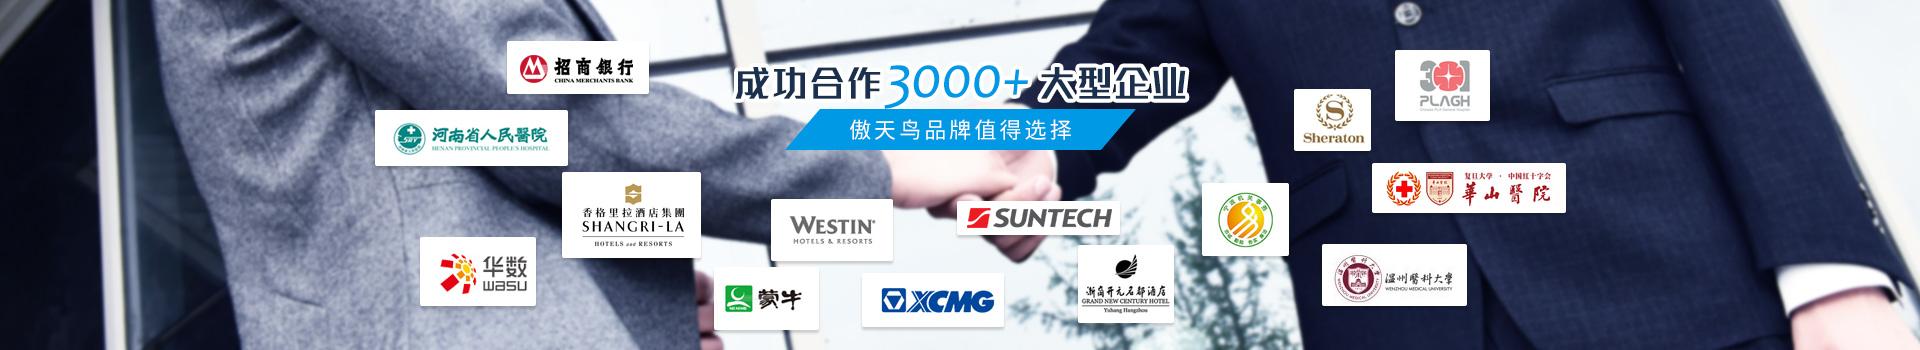 成功合作3000+大型企业,傲天鸟品牌值得选择